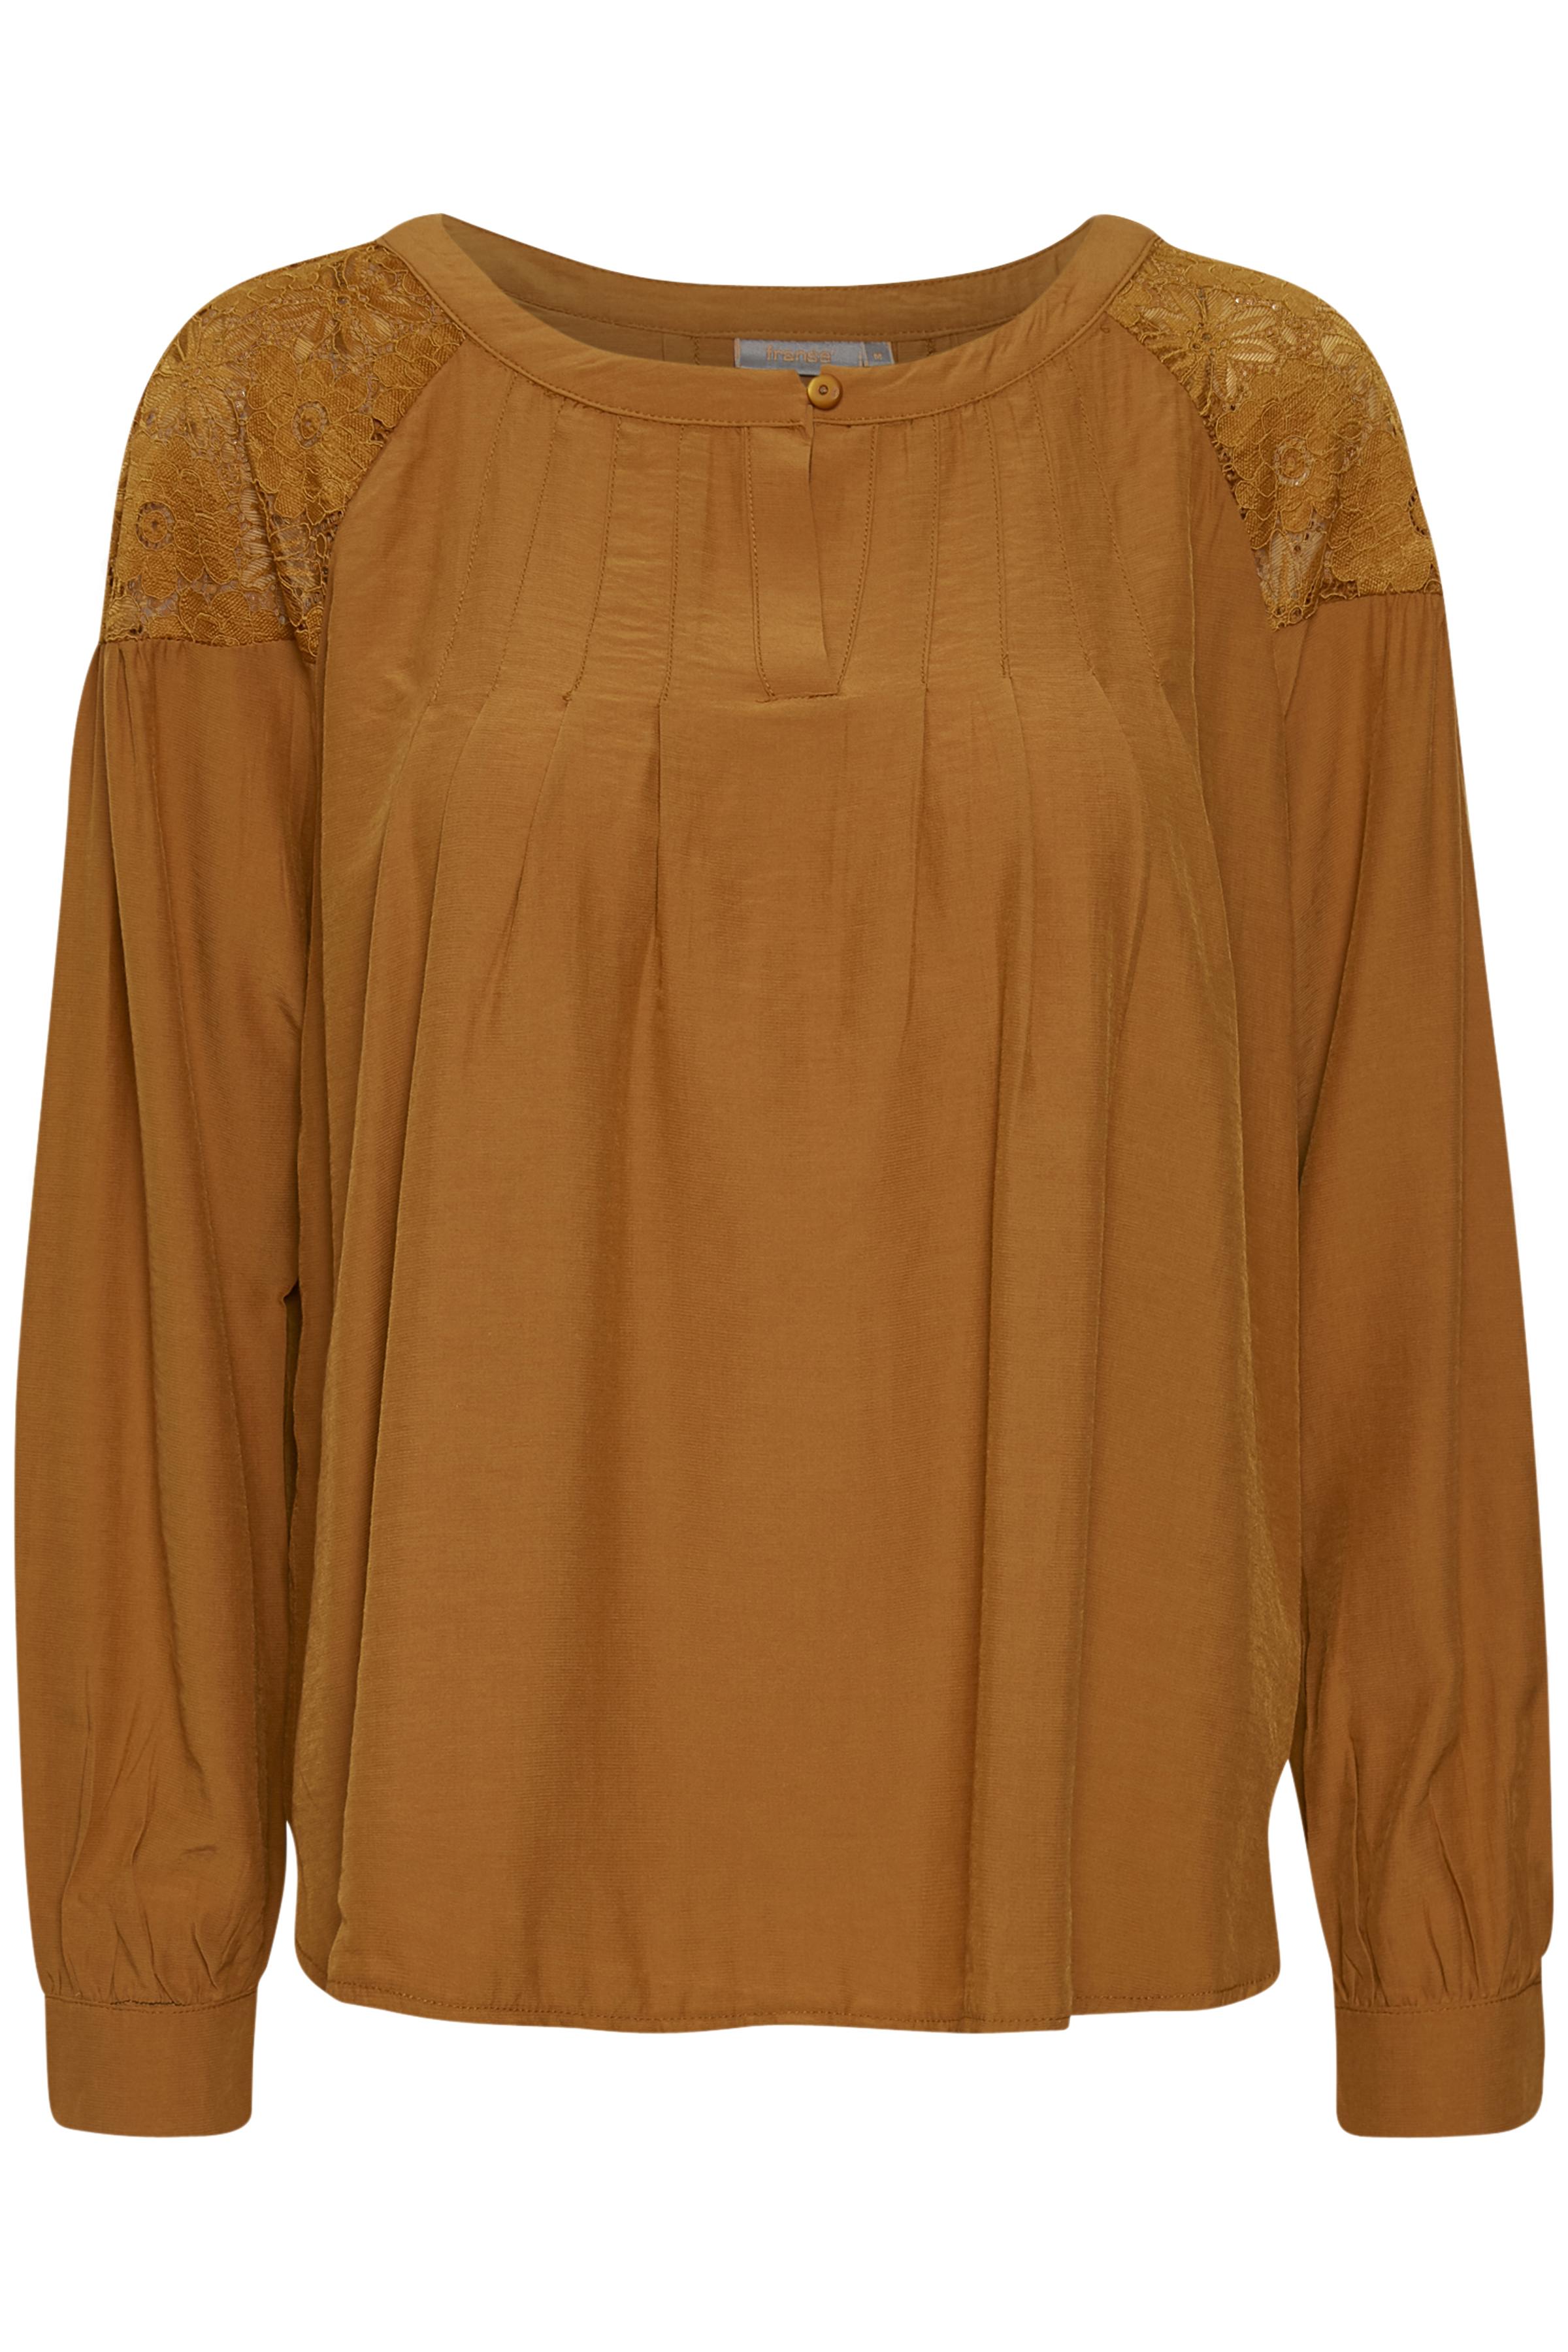 Mørk karry Langærmet bluse fra Fransa – Køb Mørk karry Langærmet bluse fra str. XS-XXL her